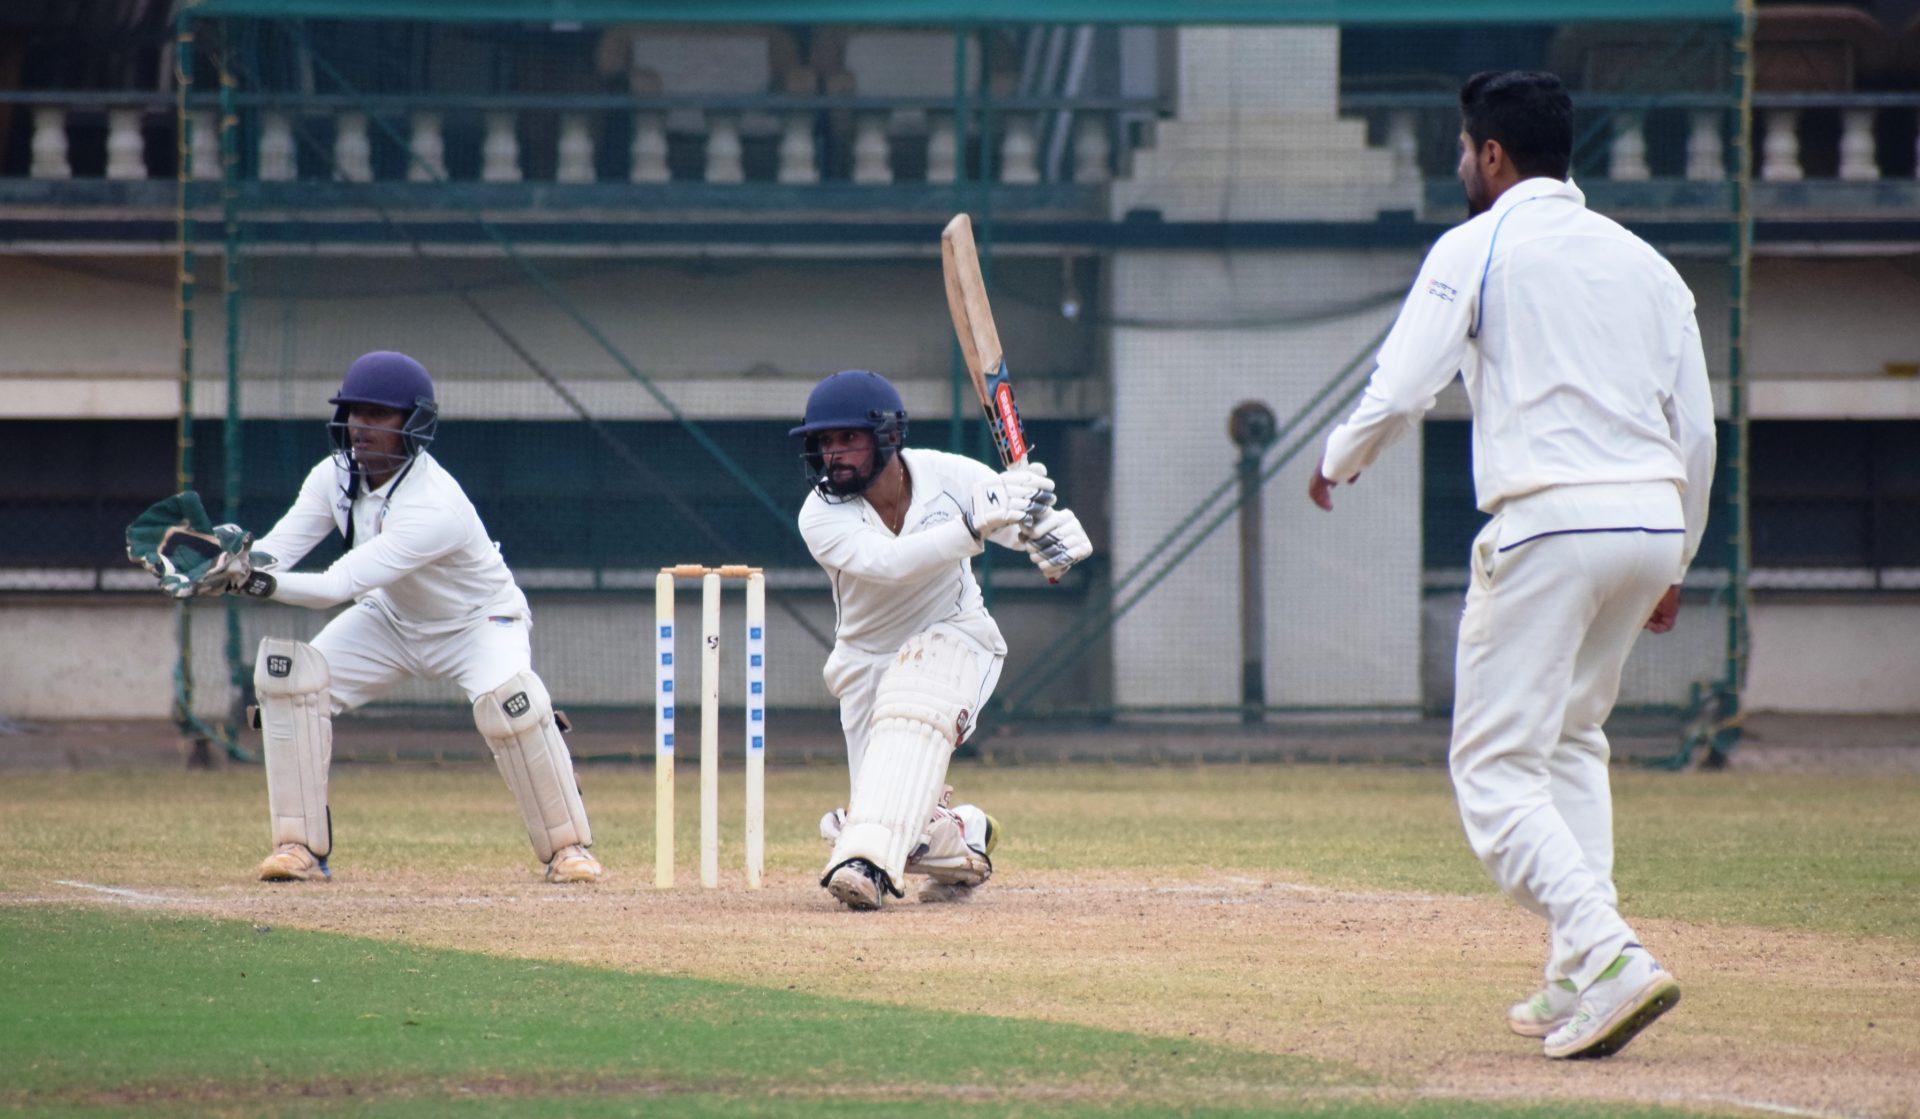 पीवायसी चॅलेंजर करंडक 3दिवसीय निमंत्रित क्रिकेट स्पर्धेत एमसीए संयुक्त जिल्हा संघ व डेक्कन जिमखाना यांच्यात विजेतेपदासाठी लढत